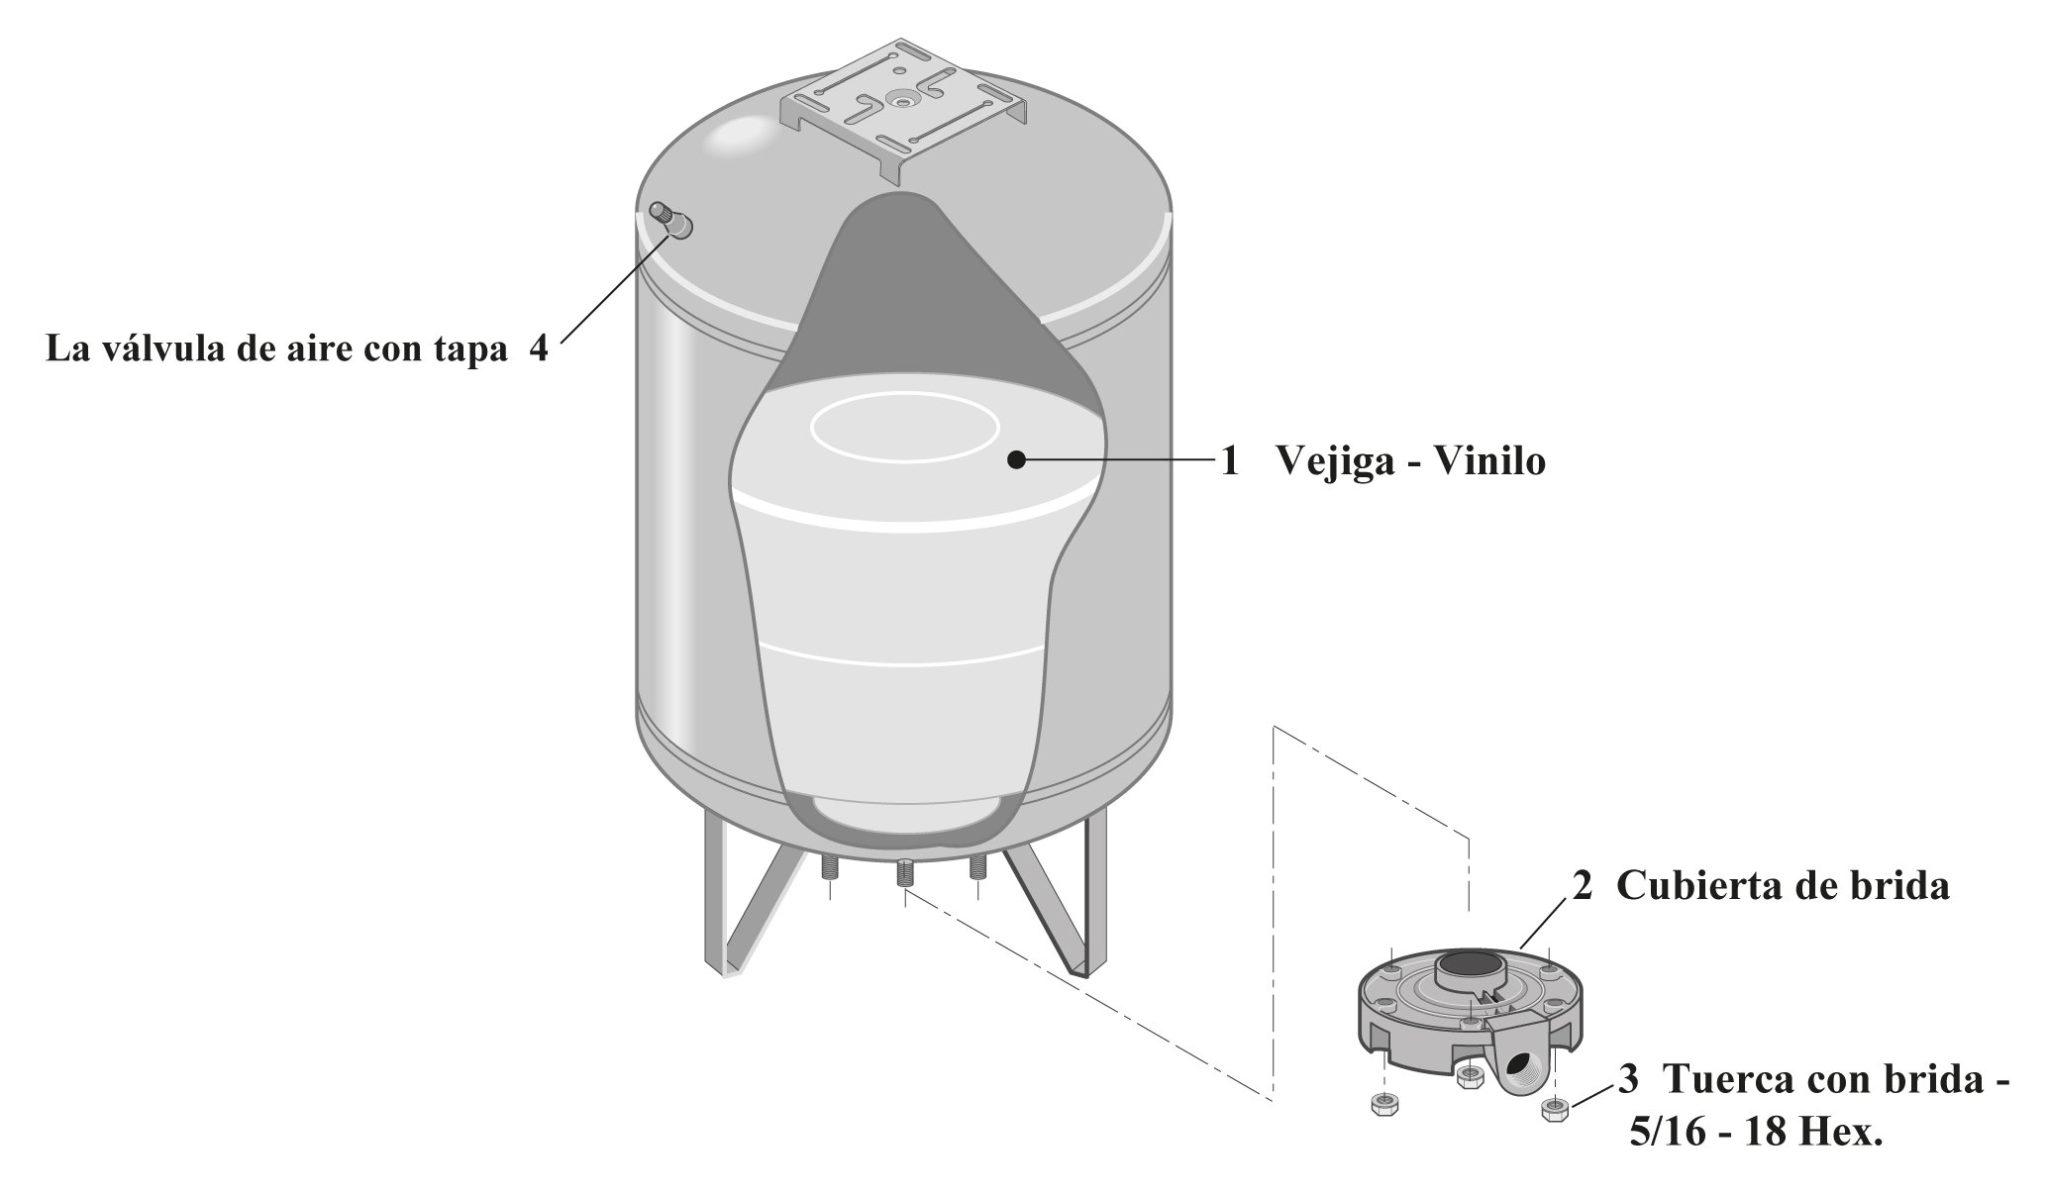 Reparación de Piezas Tanques de Presión Precargada HT7-01 / HT20 / VT14 / VT19 / VT20 / VT36 / VT52 / VT96 / VT99